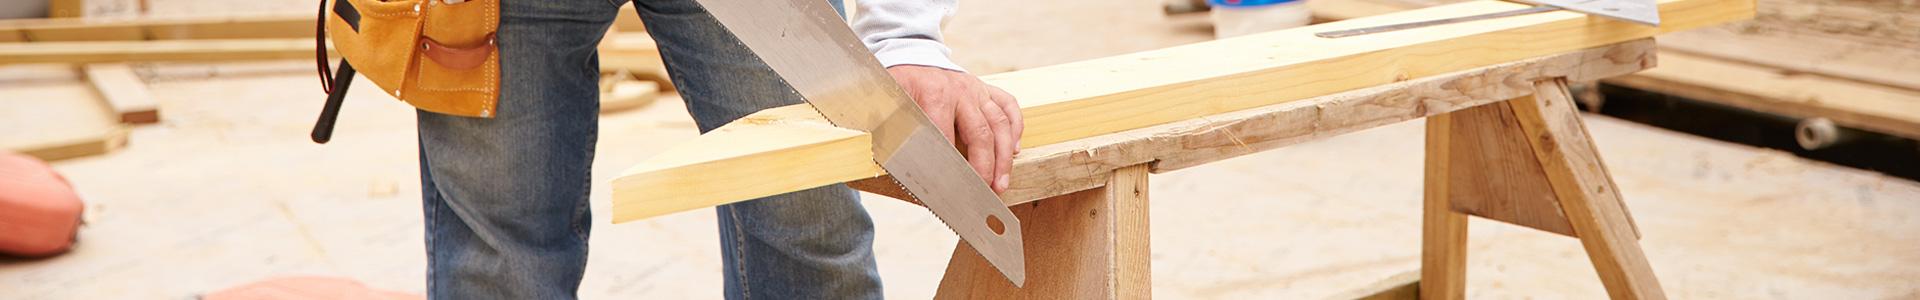 Mallette outils - Servante d'atelier